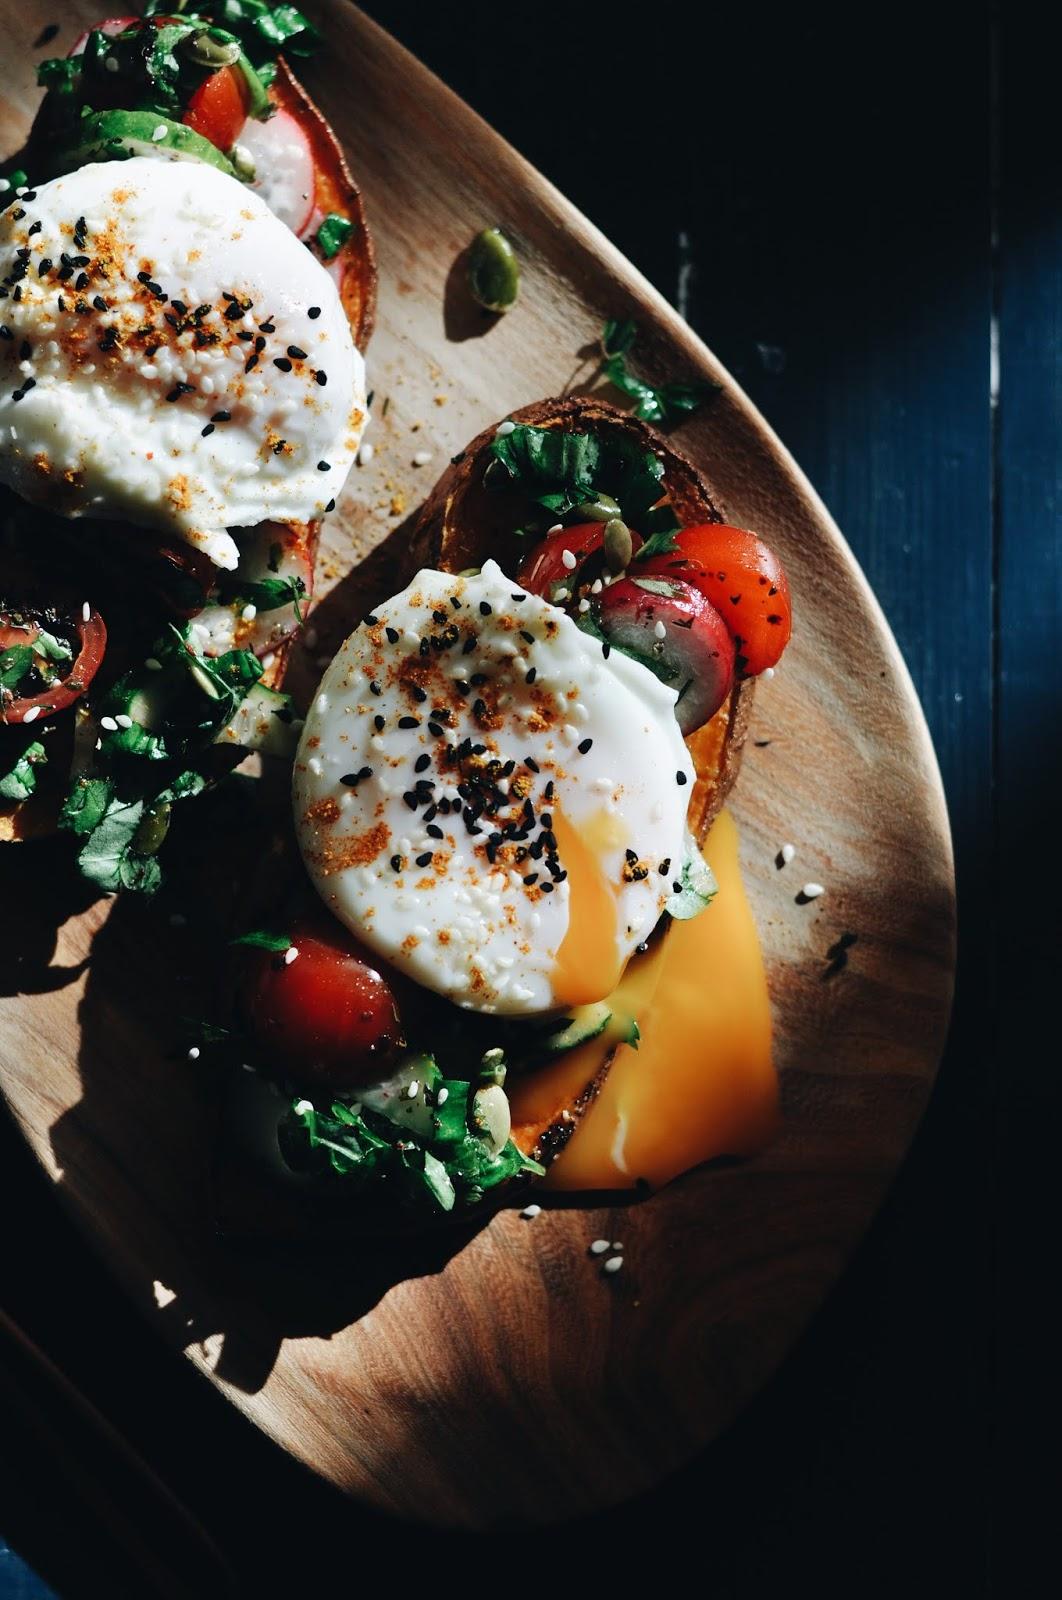 Plaucētas olas ar zaļumu salātiem un krāsnī ceptu batāti - #pieliecolu!